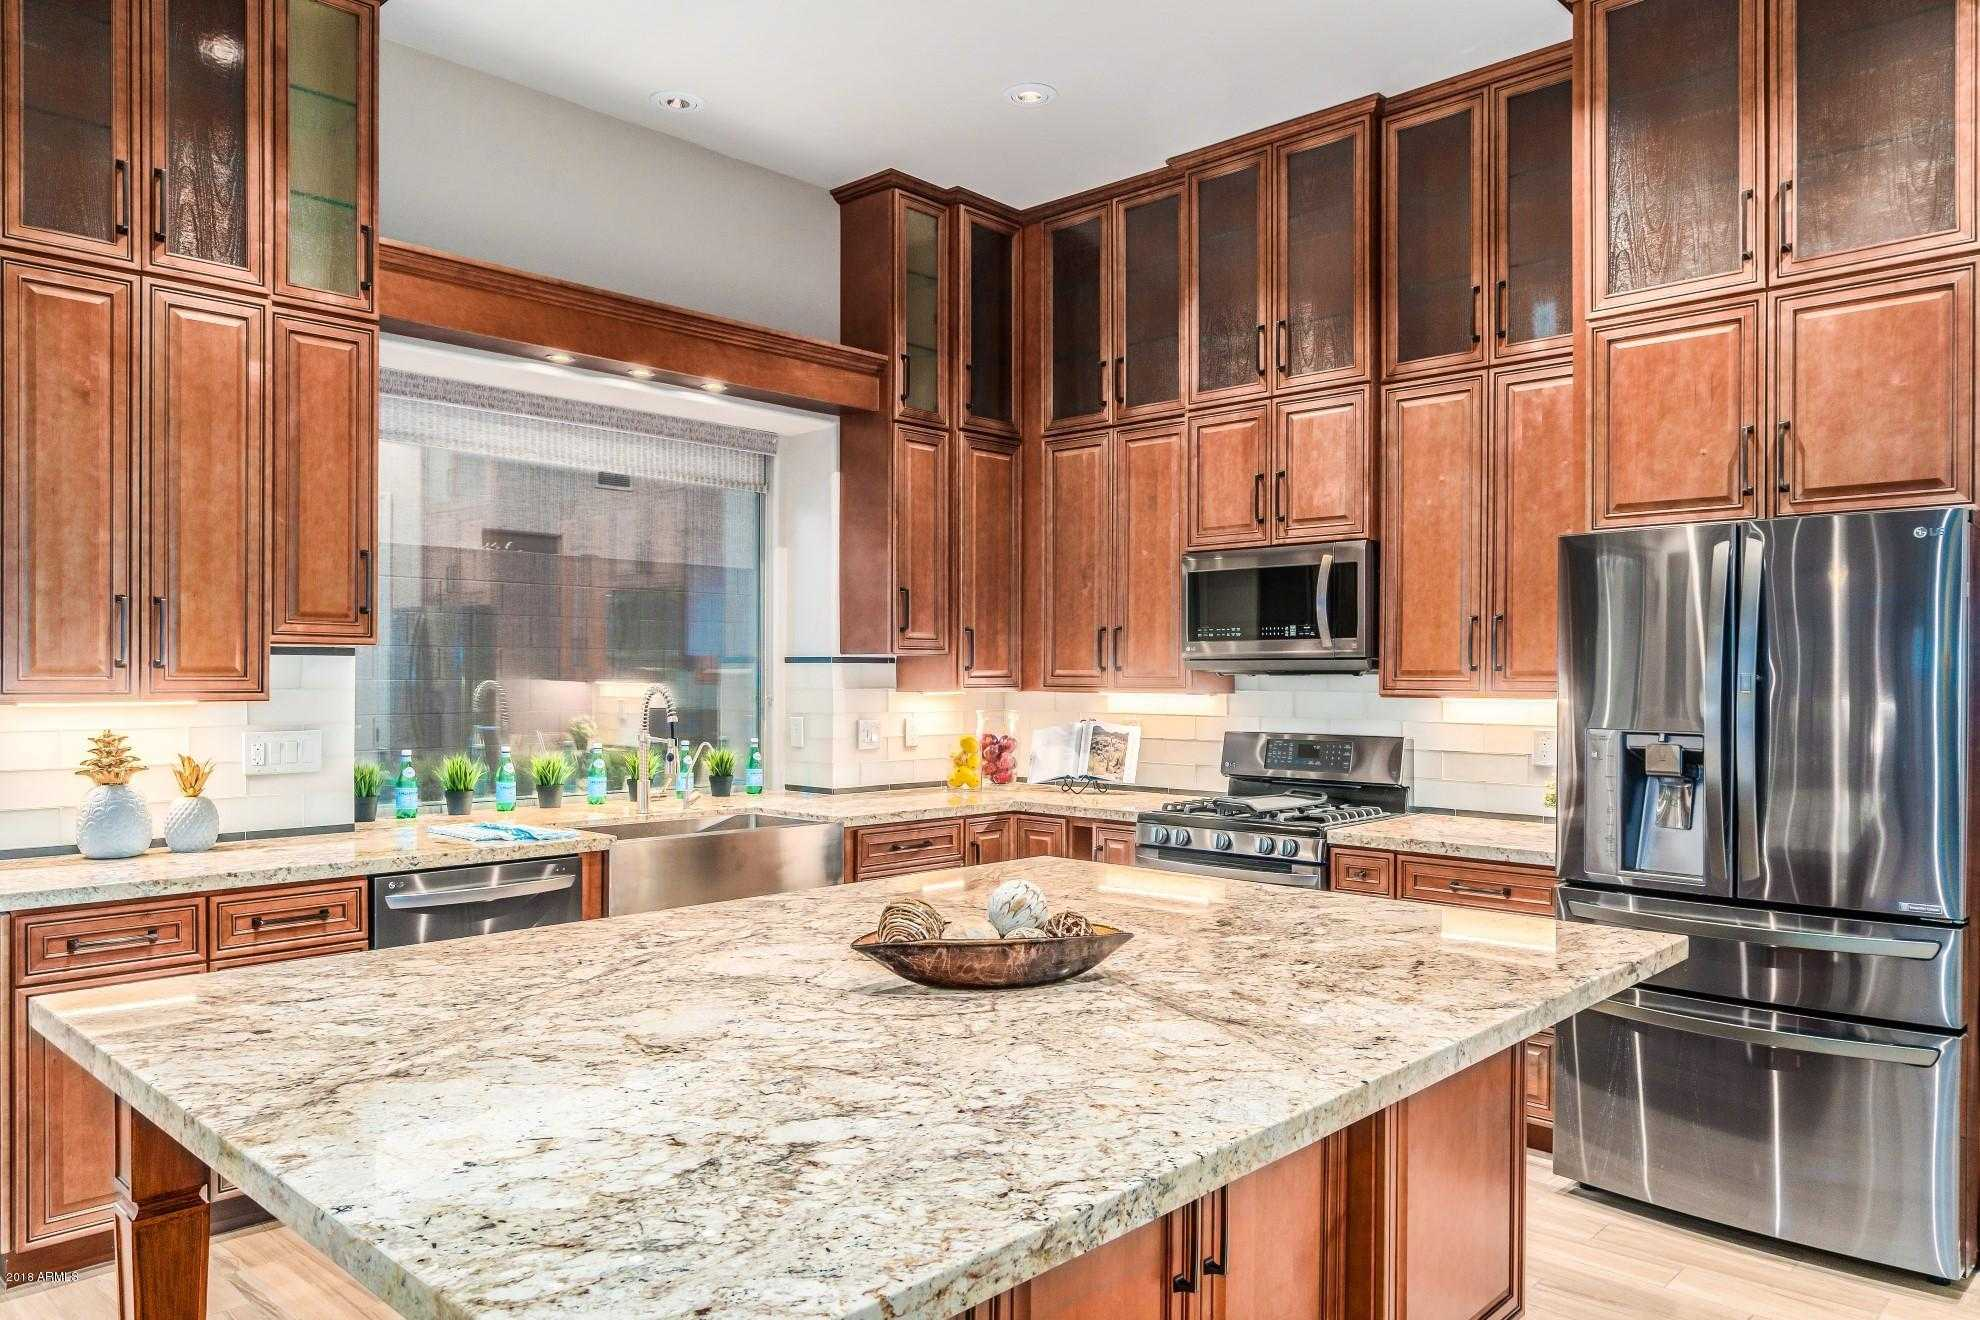 $739,500 - 4Br/3Ba - Home for Sale in Terravita, Scottsdale